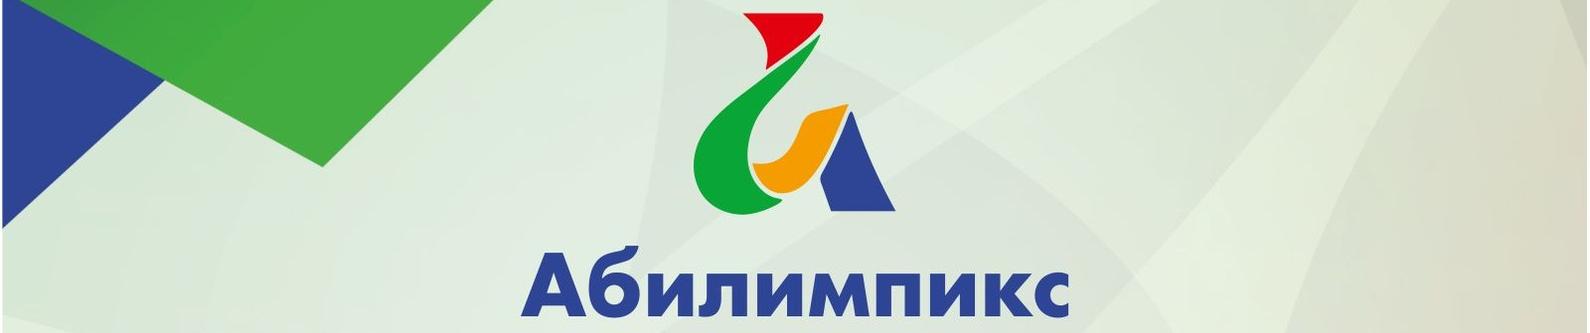 Объявлены результаты отборочного этапа VII Национального чемпионата по профессиональному мастерству «Абилимпикс»